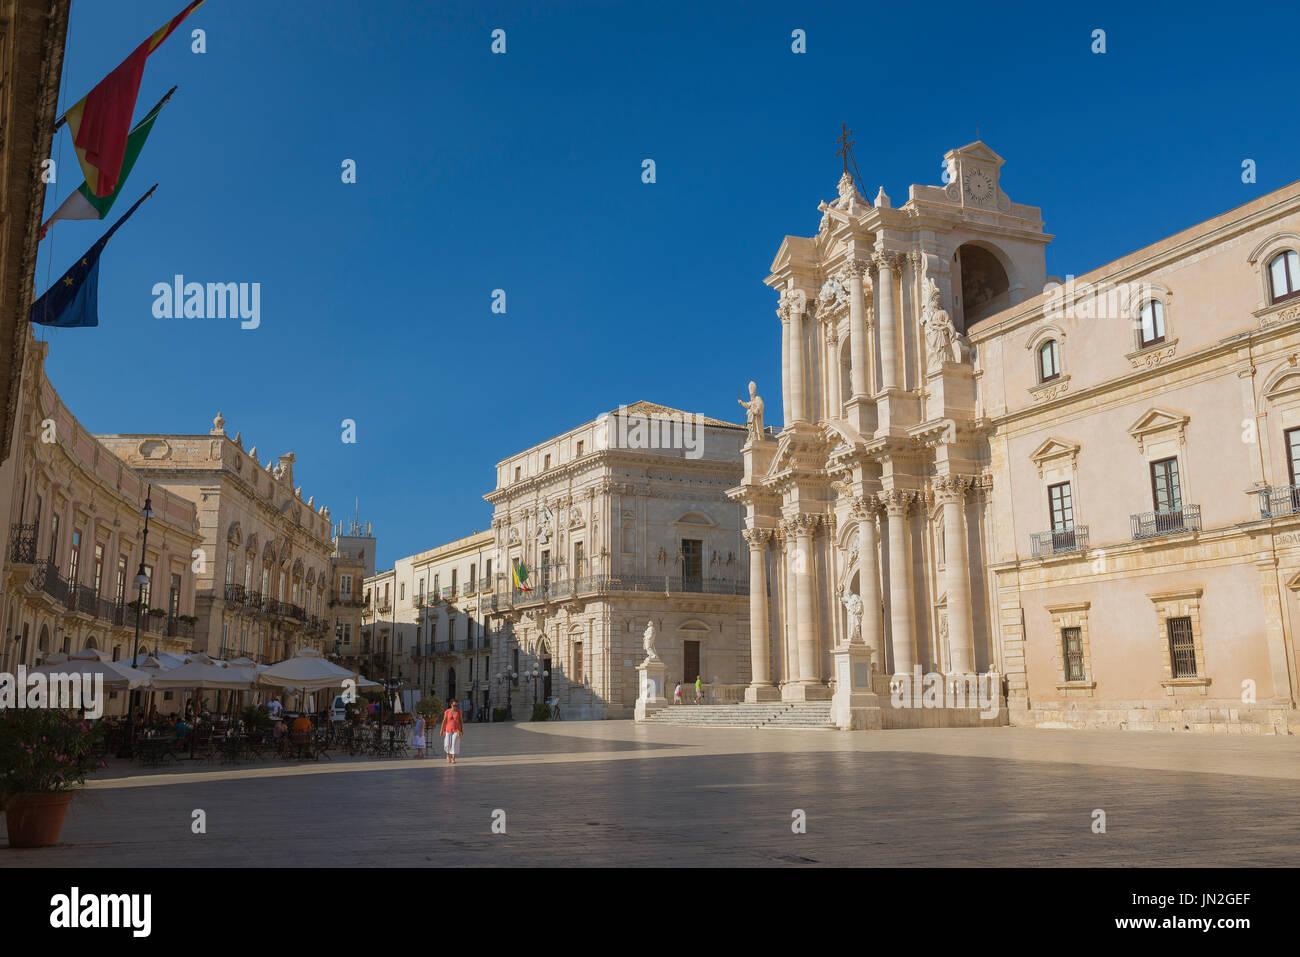 Sizilien-Barock-Architektur, die barocke Kathedrale und umliegenden Gebäude an der Piazza del Duomo auf der Insel Ortygia, Syrakus, Sizilien. Stockbild